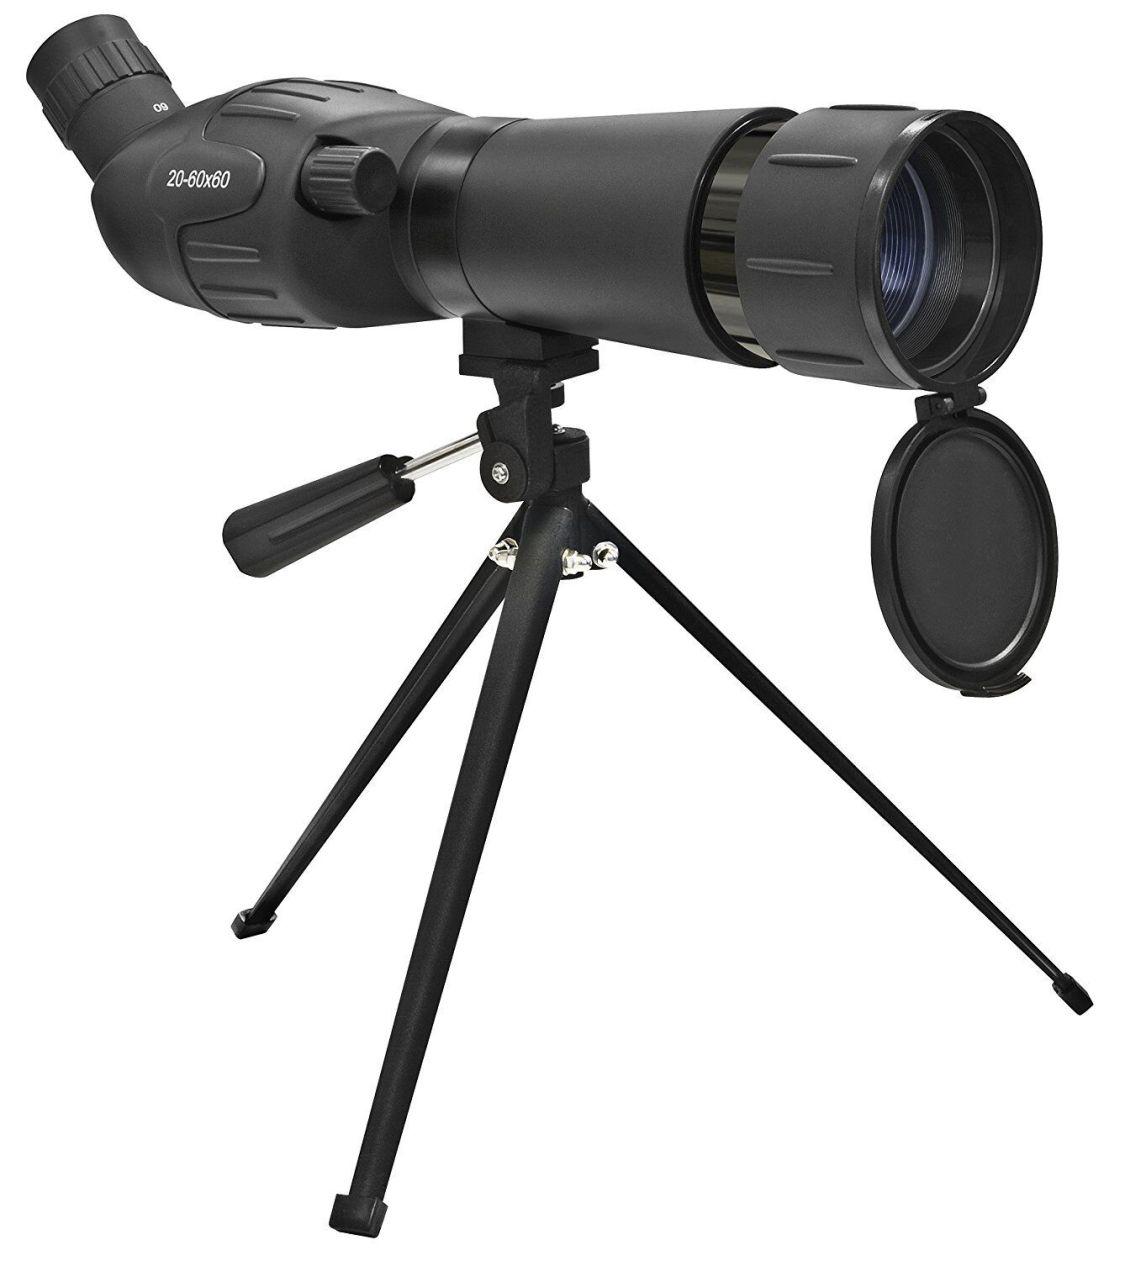 Fernglas Spektiv Fernrohr Teleskop Okular Telescope Ocular Fernrohr mit Stativ